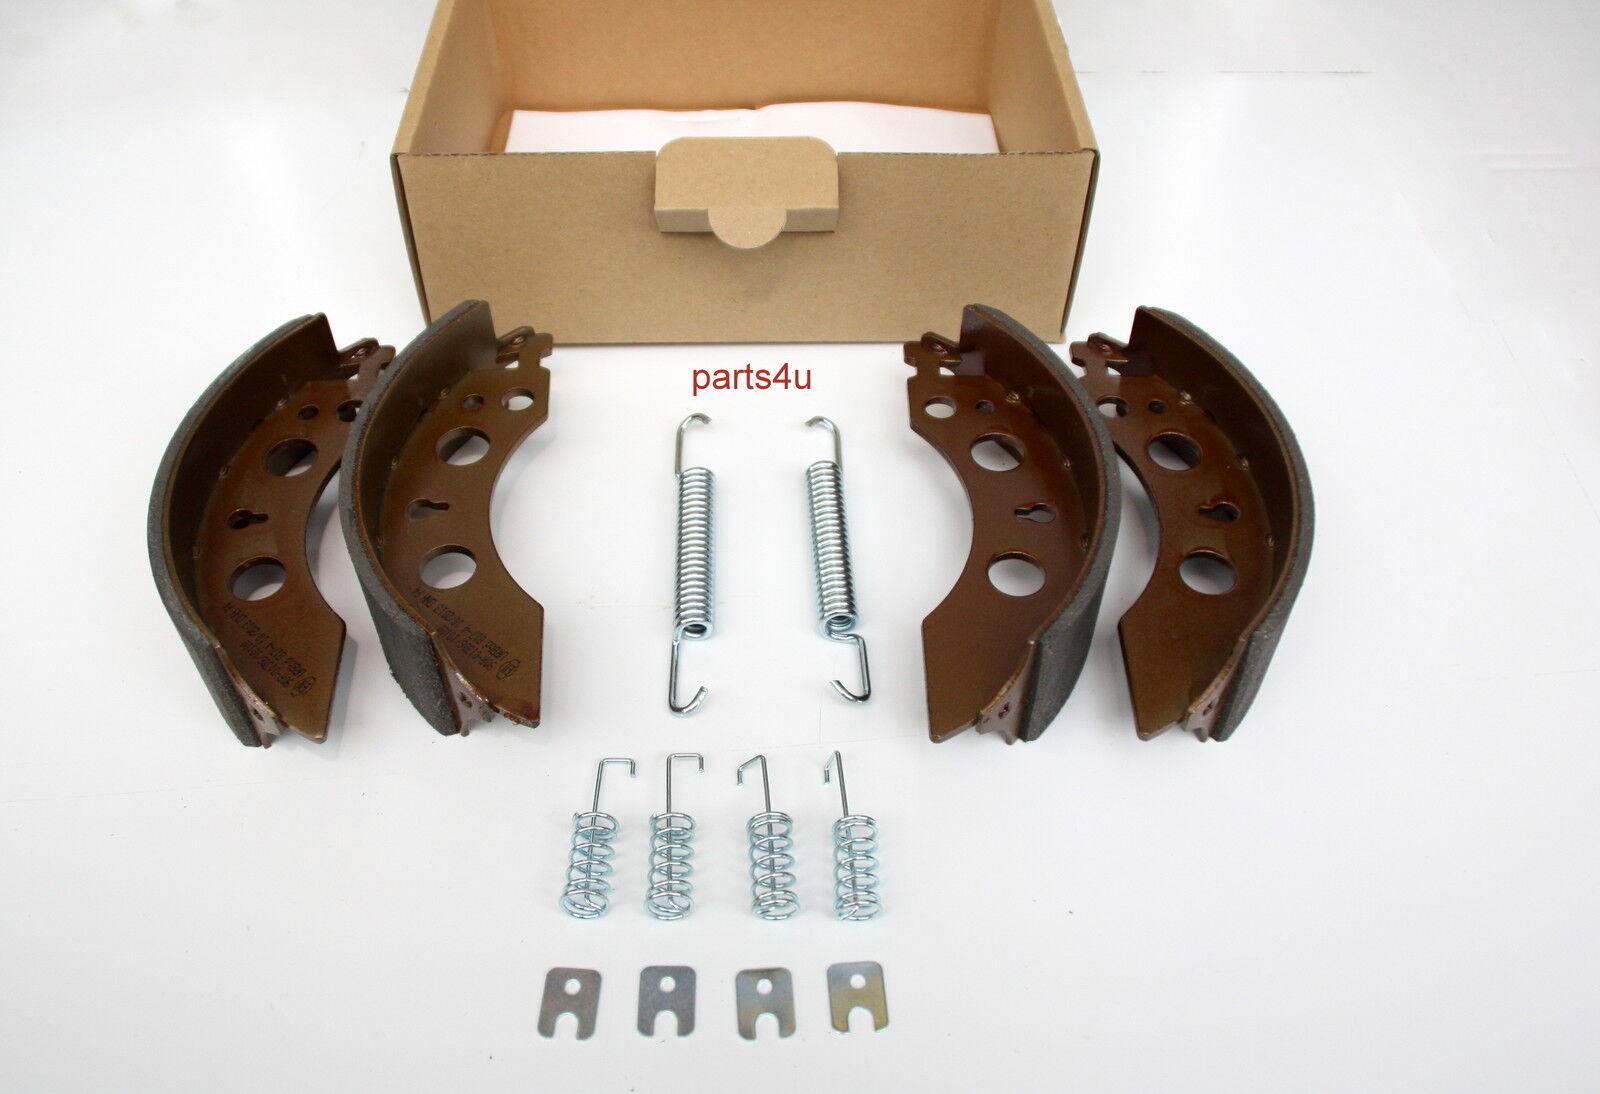 2x Zapatas de Freno para Alko Rueda 200x50 mm 2050 2051 1213889 384294